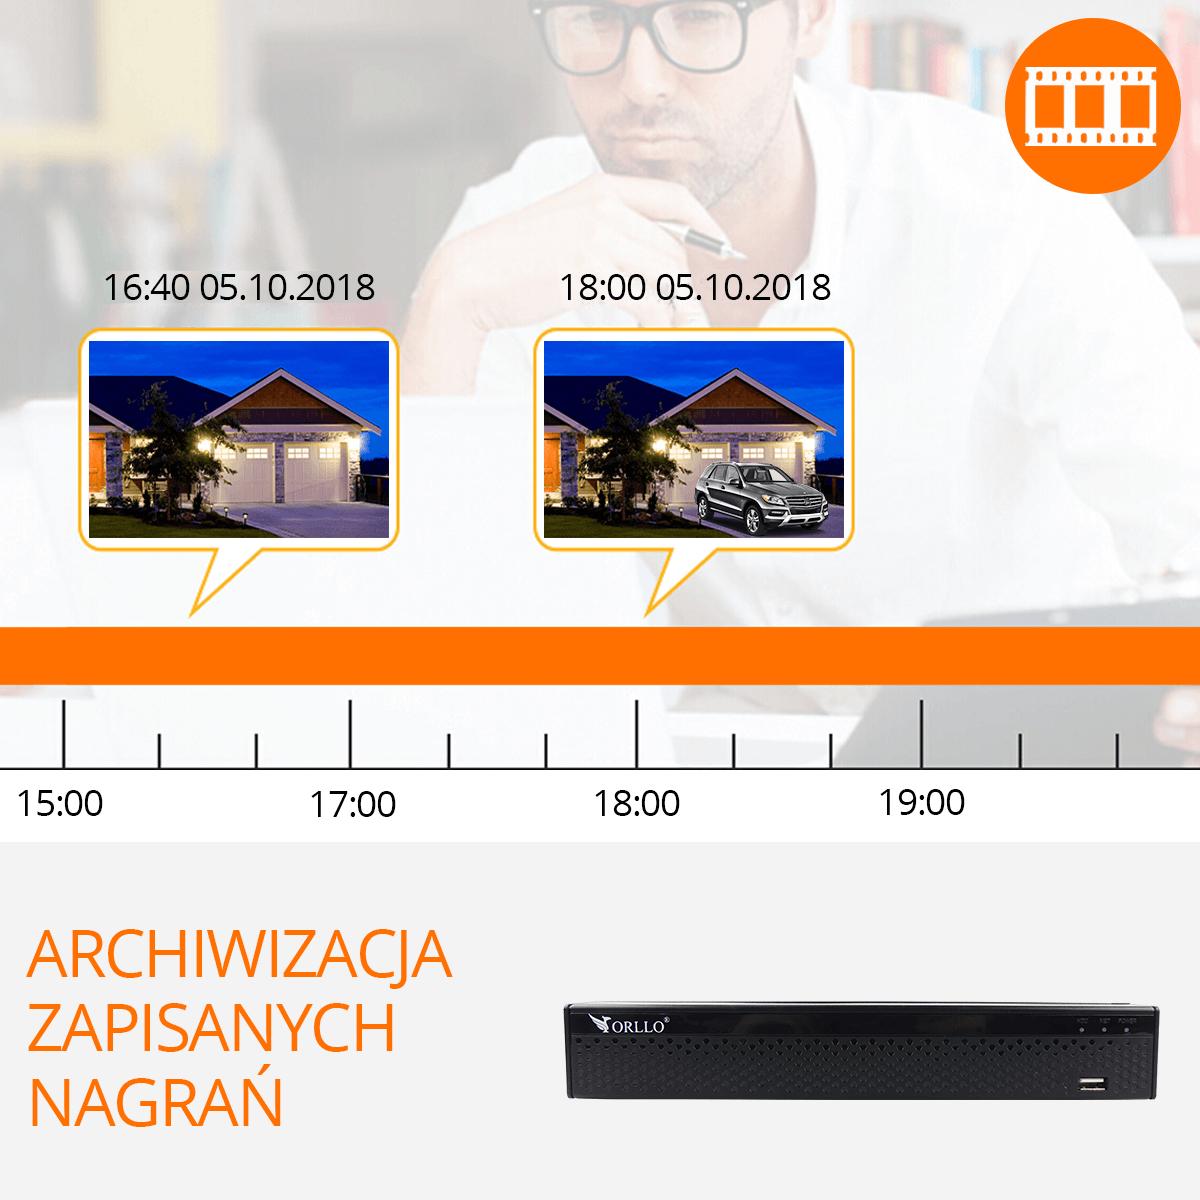 Nagrywarka-nvr-ch9-camset-pro-odtwarzanie-nagrań-orllo-pl